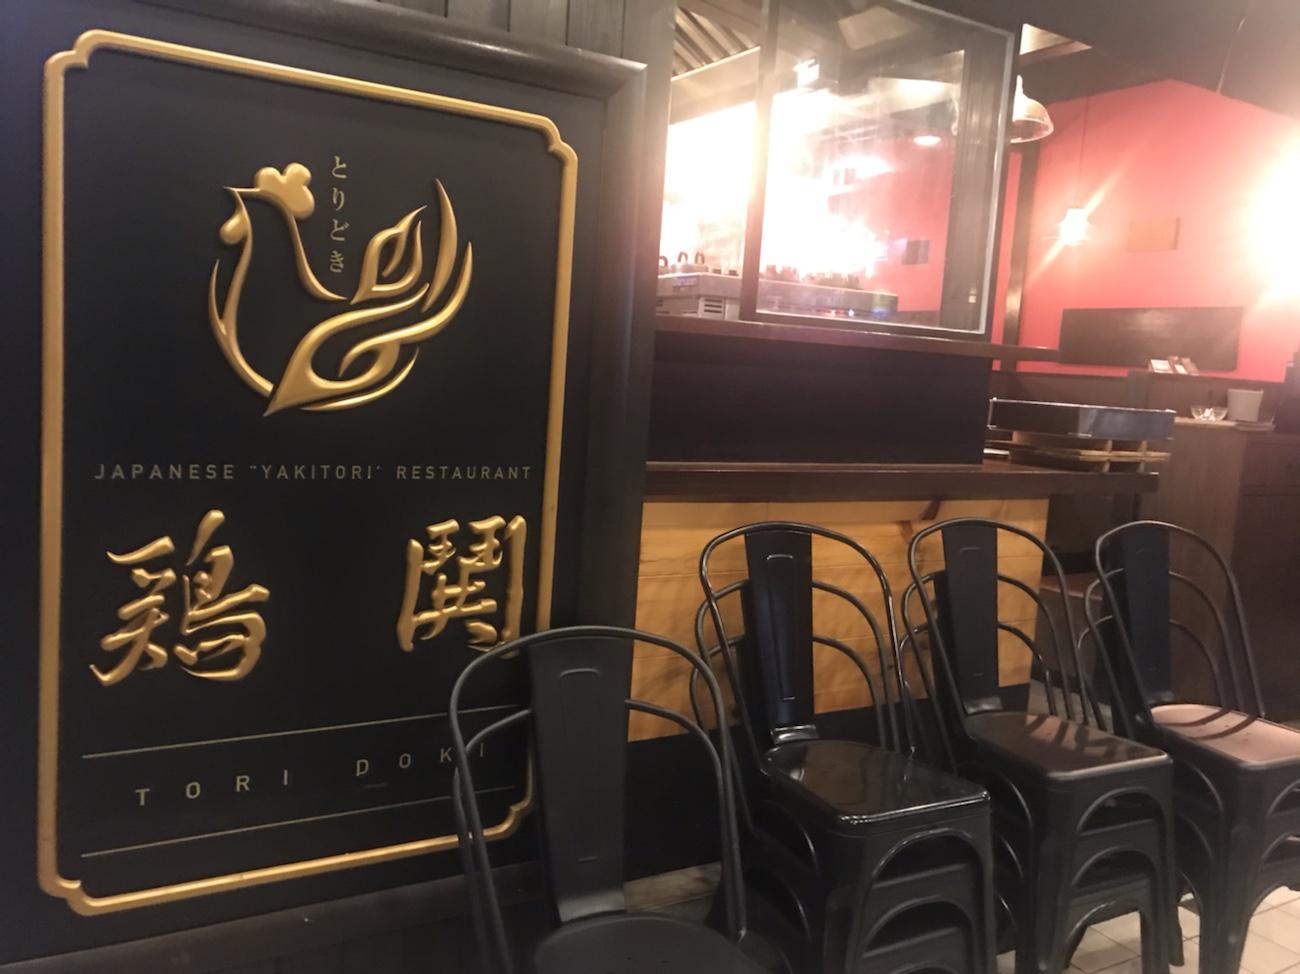 看板 TORIDOKI(とりどき)クアラルンプール グルメ 日本食